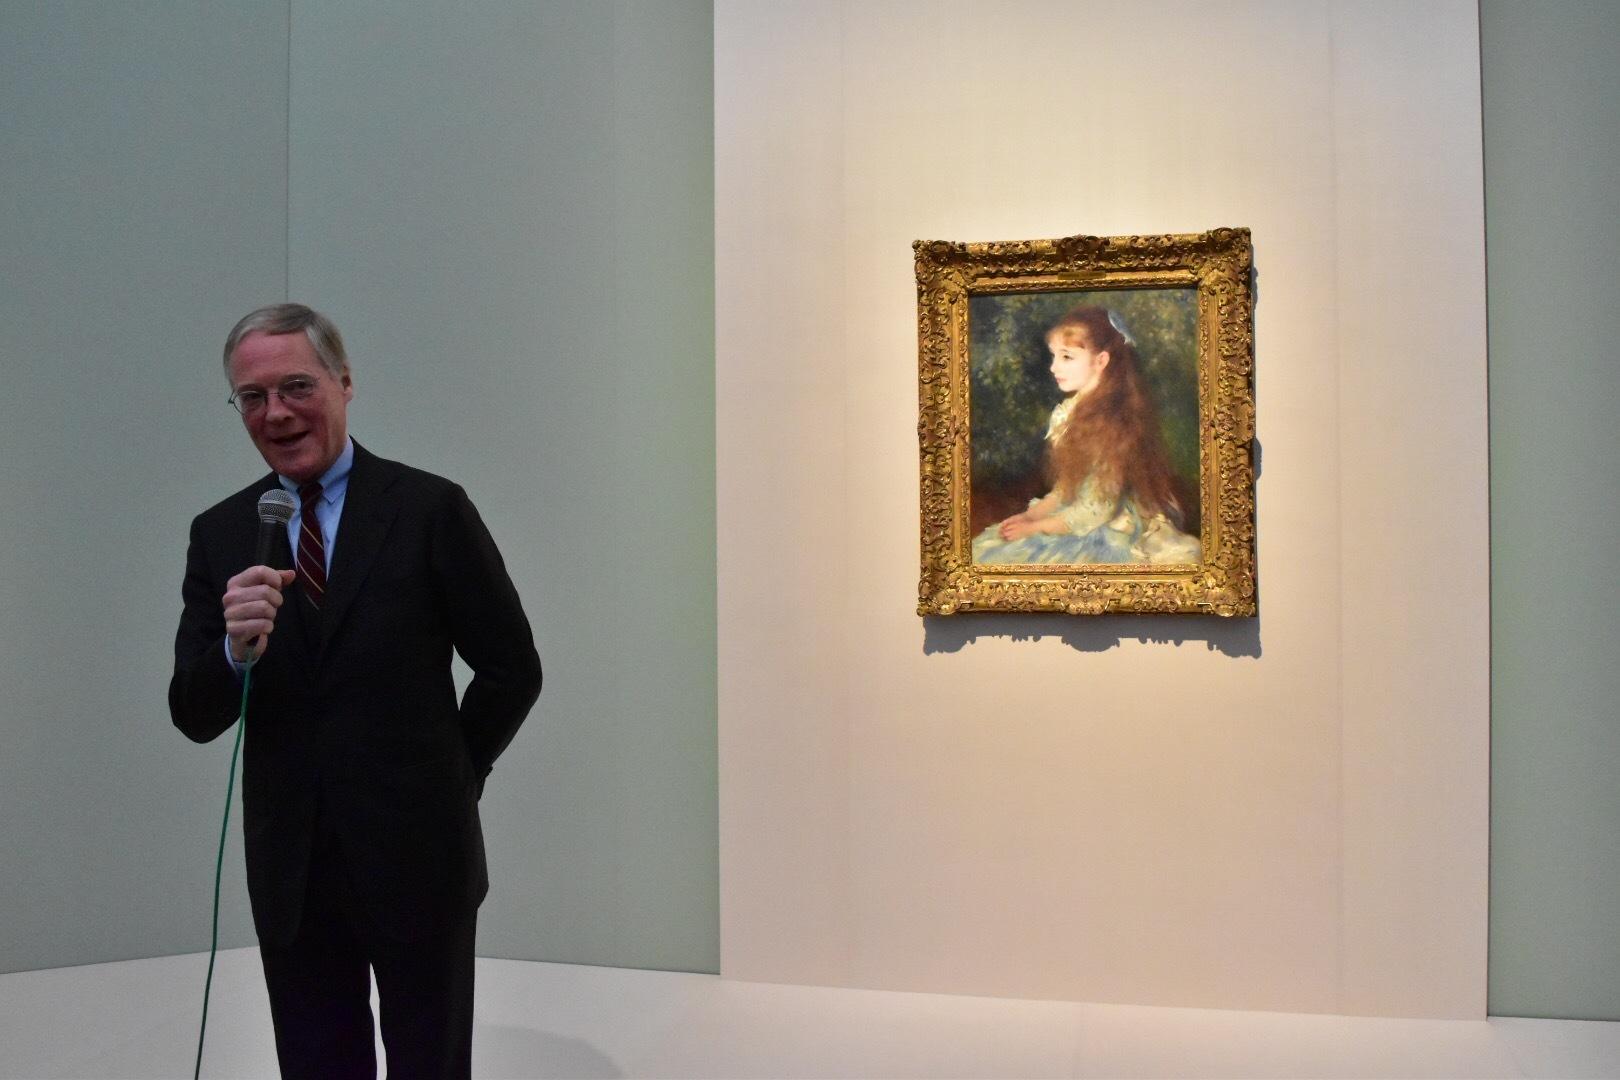 ピエール=オーギュスト・ルノワール 《イレーヌ・カーン・ダンヴェール嬢(可愛いイレーヌ)》 1880年